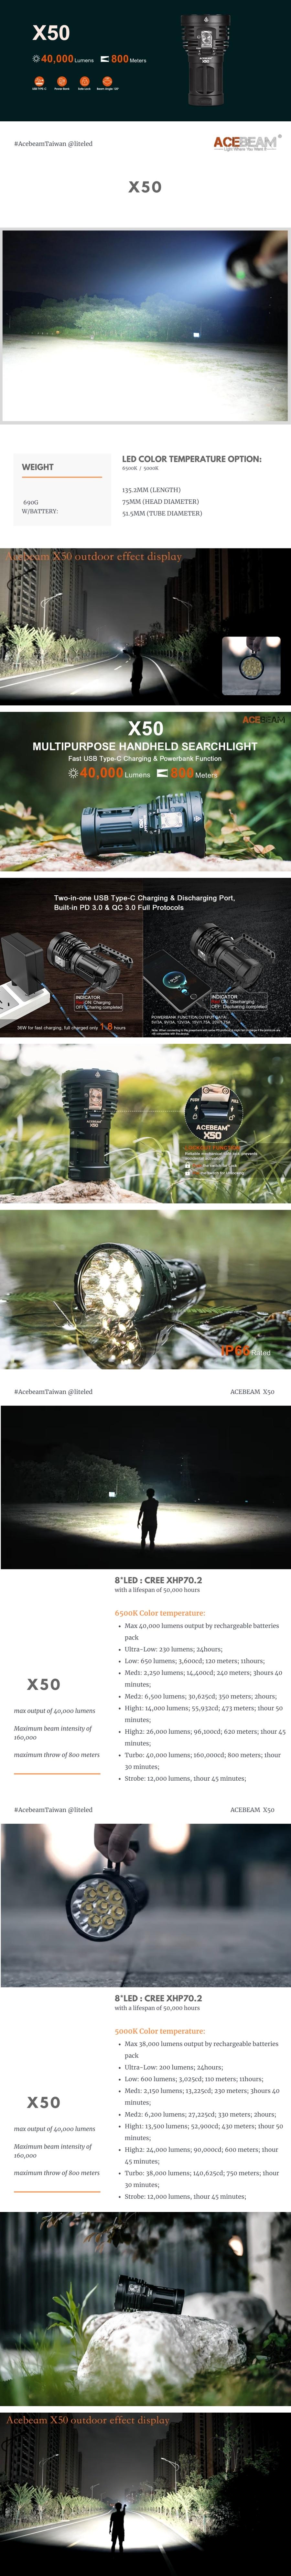 【錸特光電】ACEBEAM X50 40000 流明 強光遠射搜索LED泛光手電筒 QC3快充 USB-C充電 探照燈 (2)